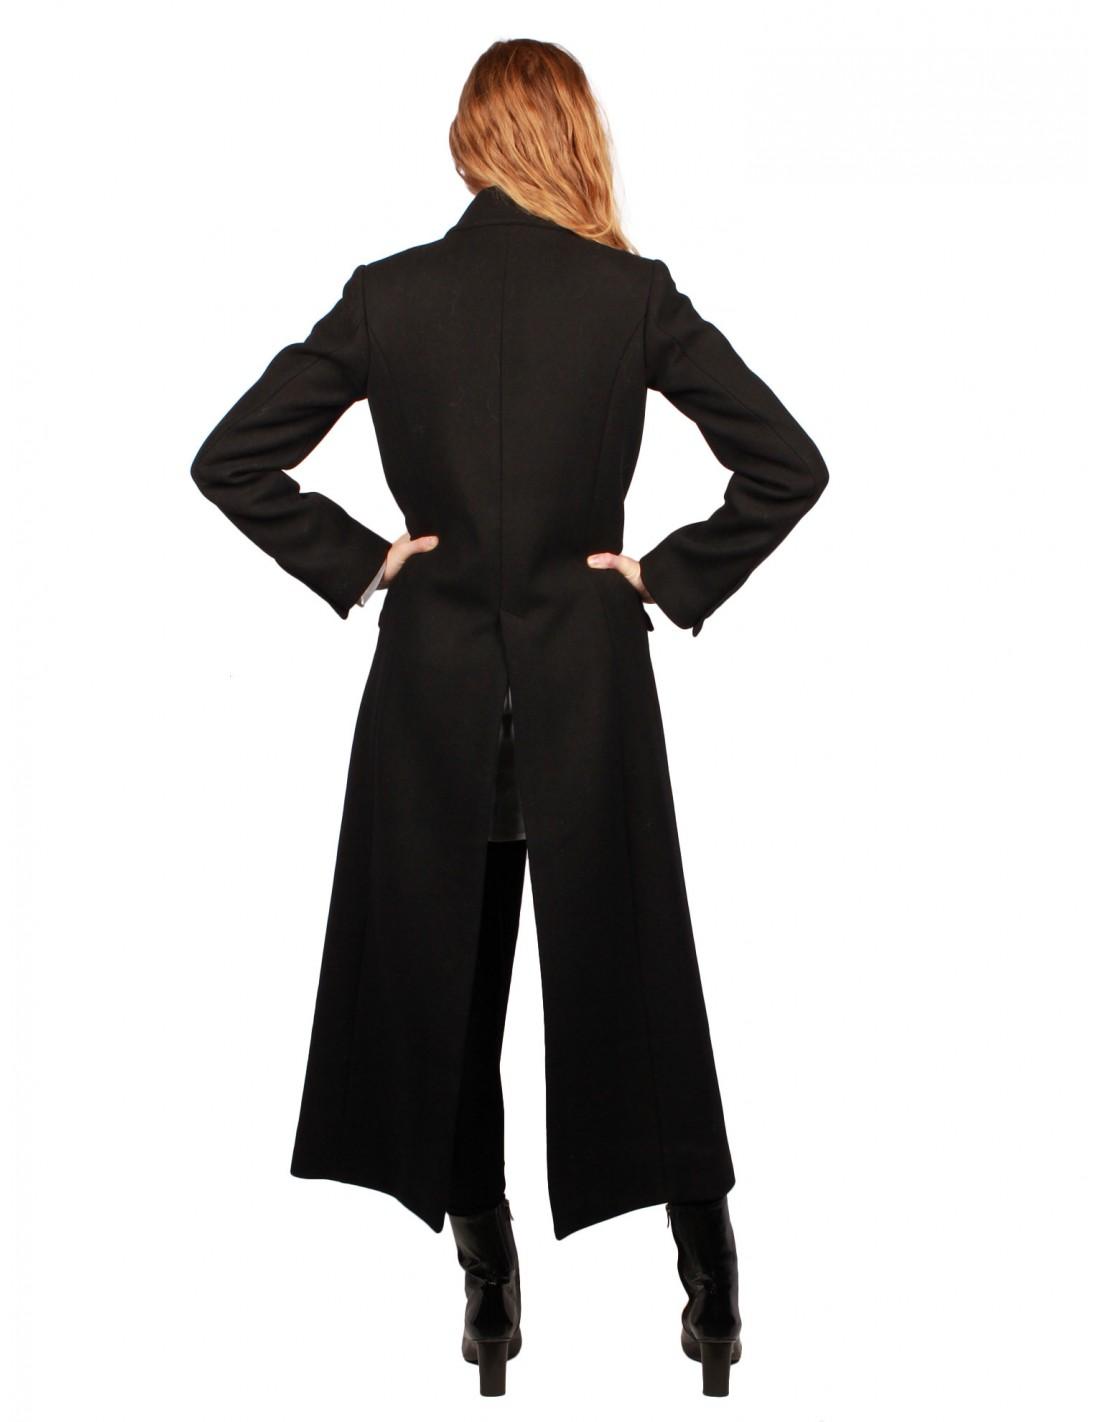 e538dec3d9d28 femme-long-manteau-noir-isabel-benenato-fw17.jpg